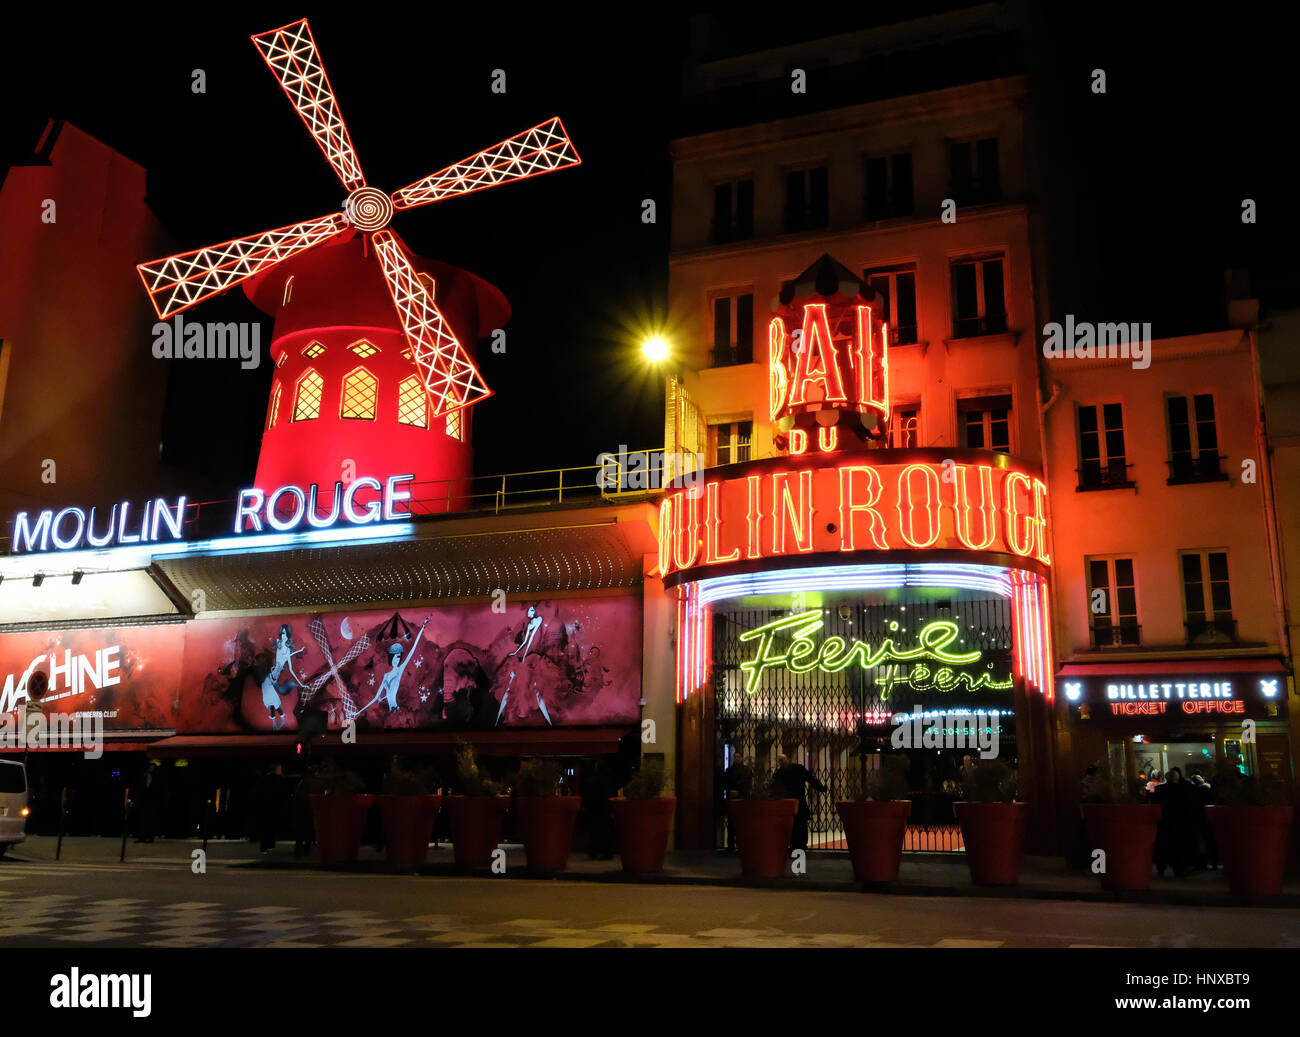 Moulin Rouge, francese per il rosso mulino, è un cabaret club nella zona di Pigalle di Parigi, Francia Immagini Stock